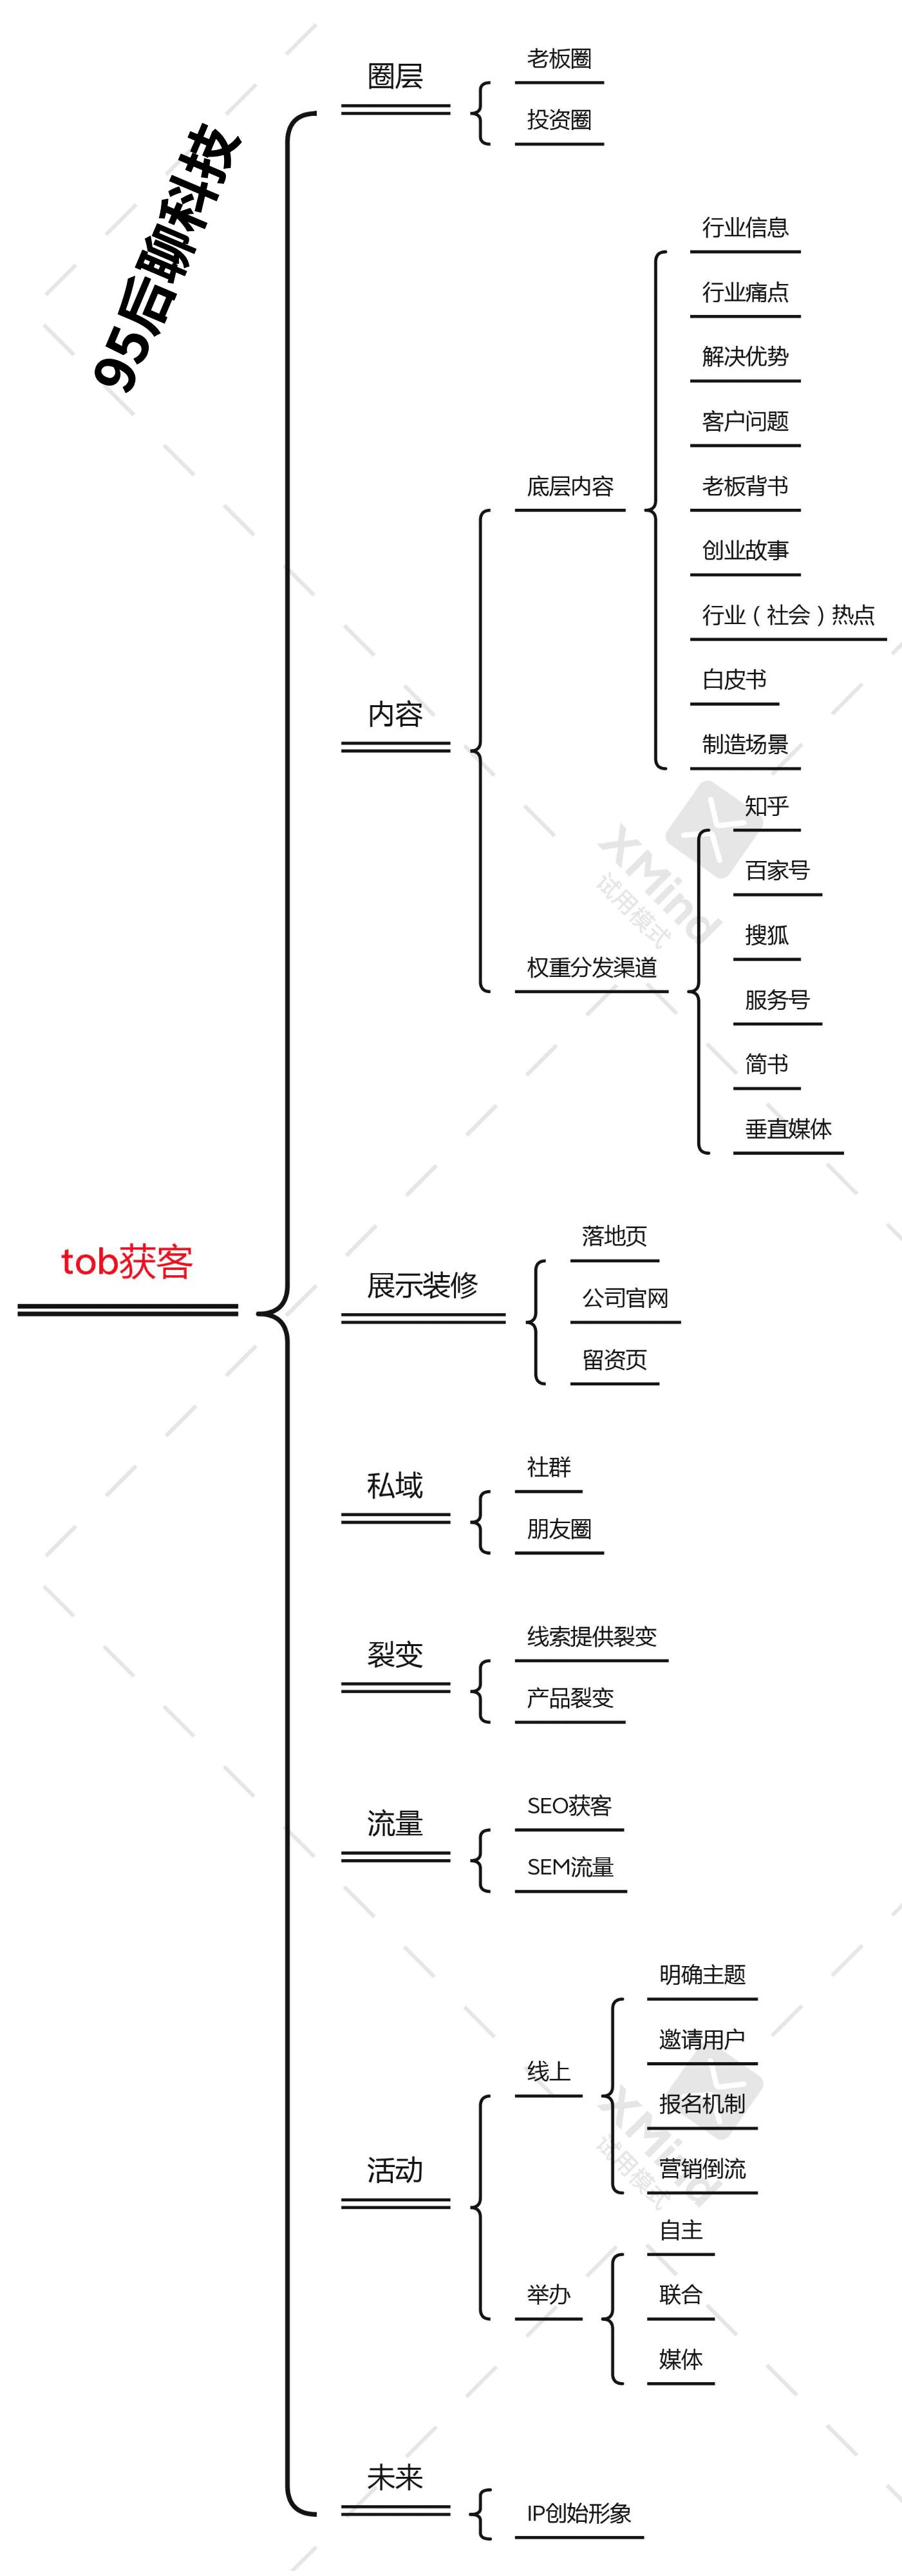 tob获客的增长公式 95后聊科技